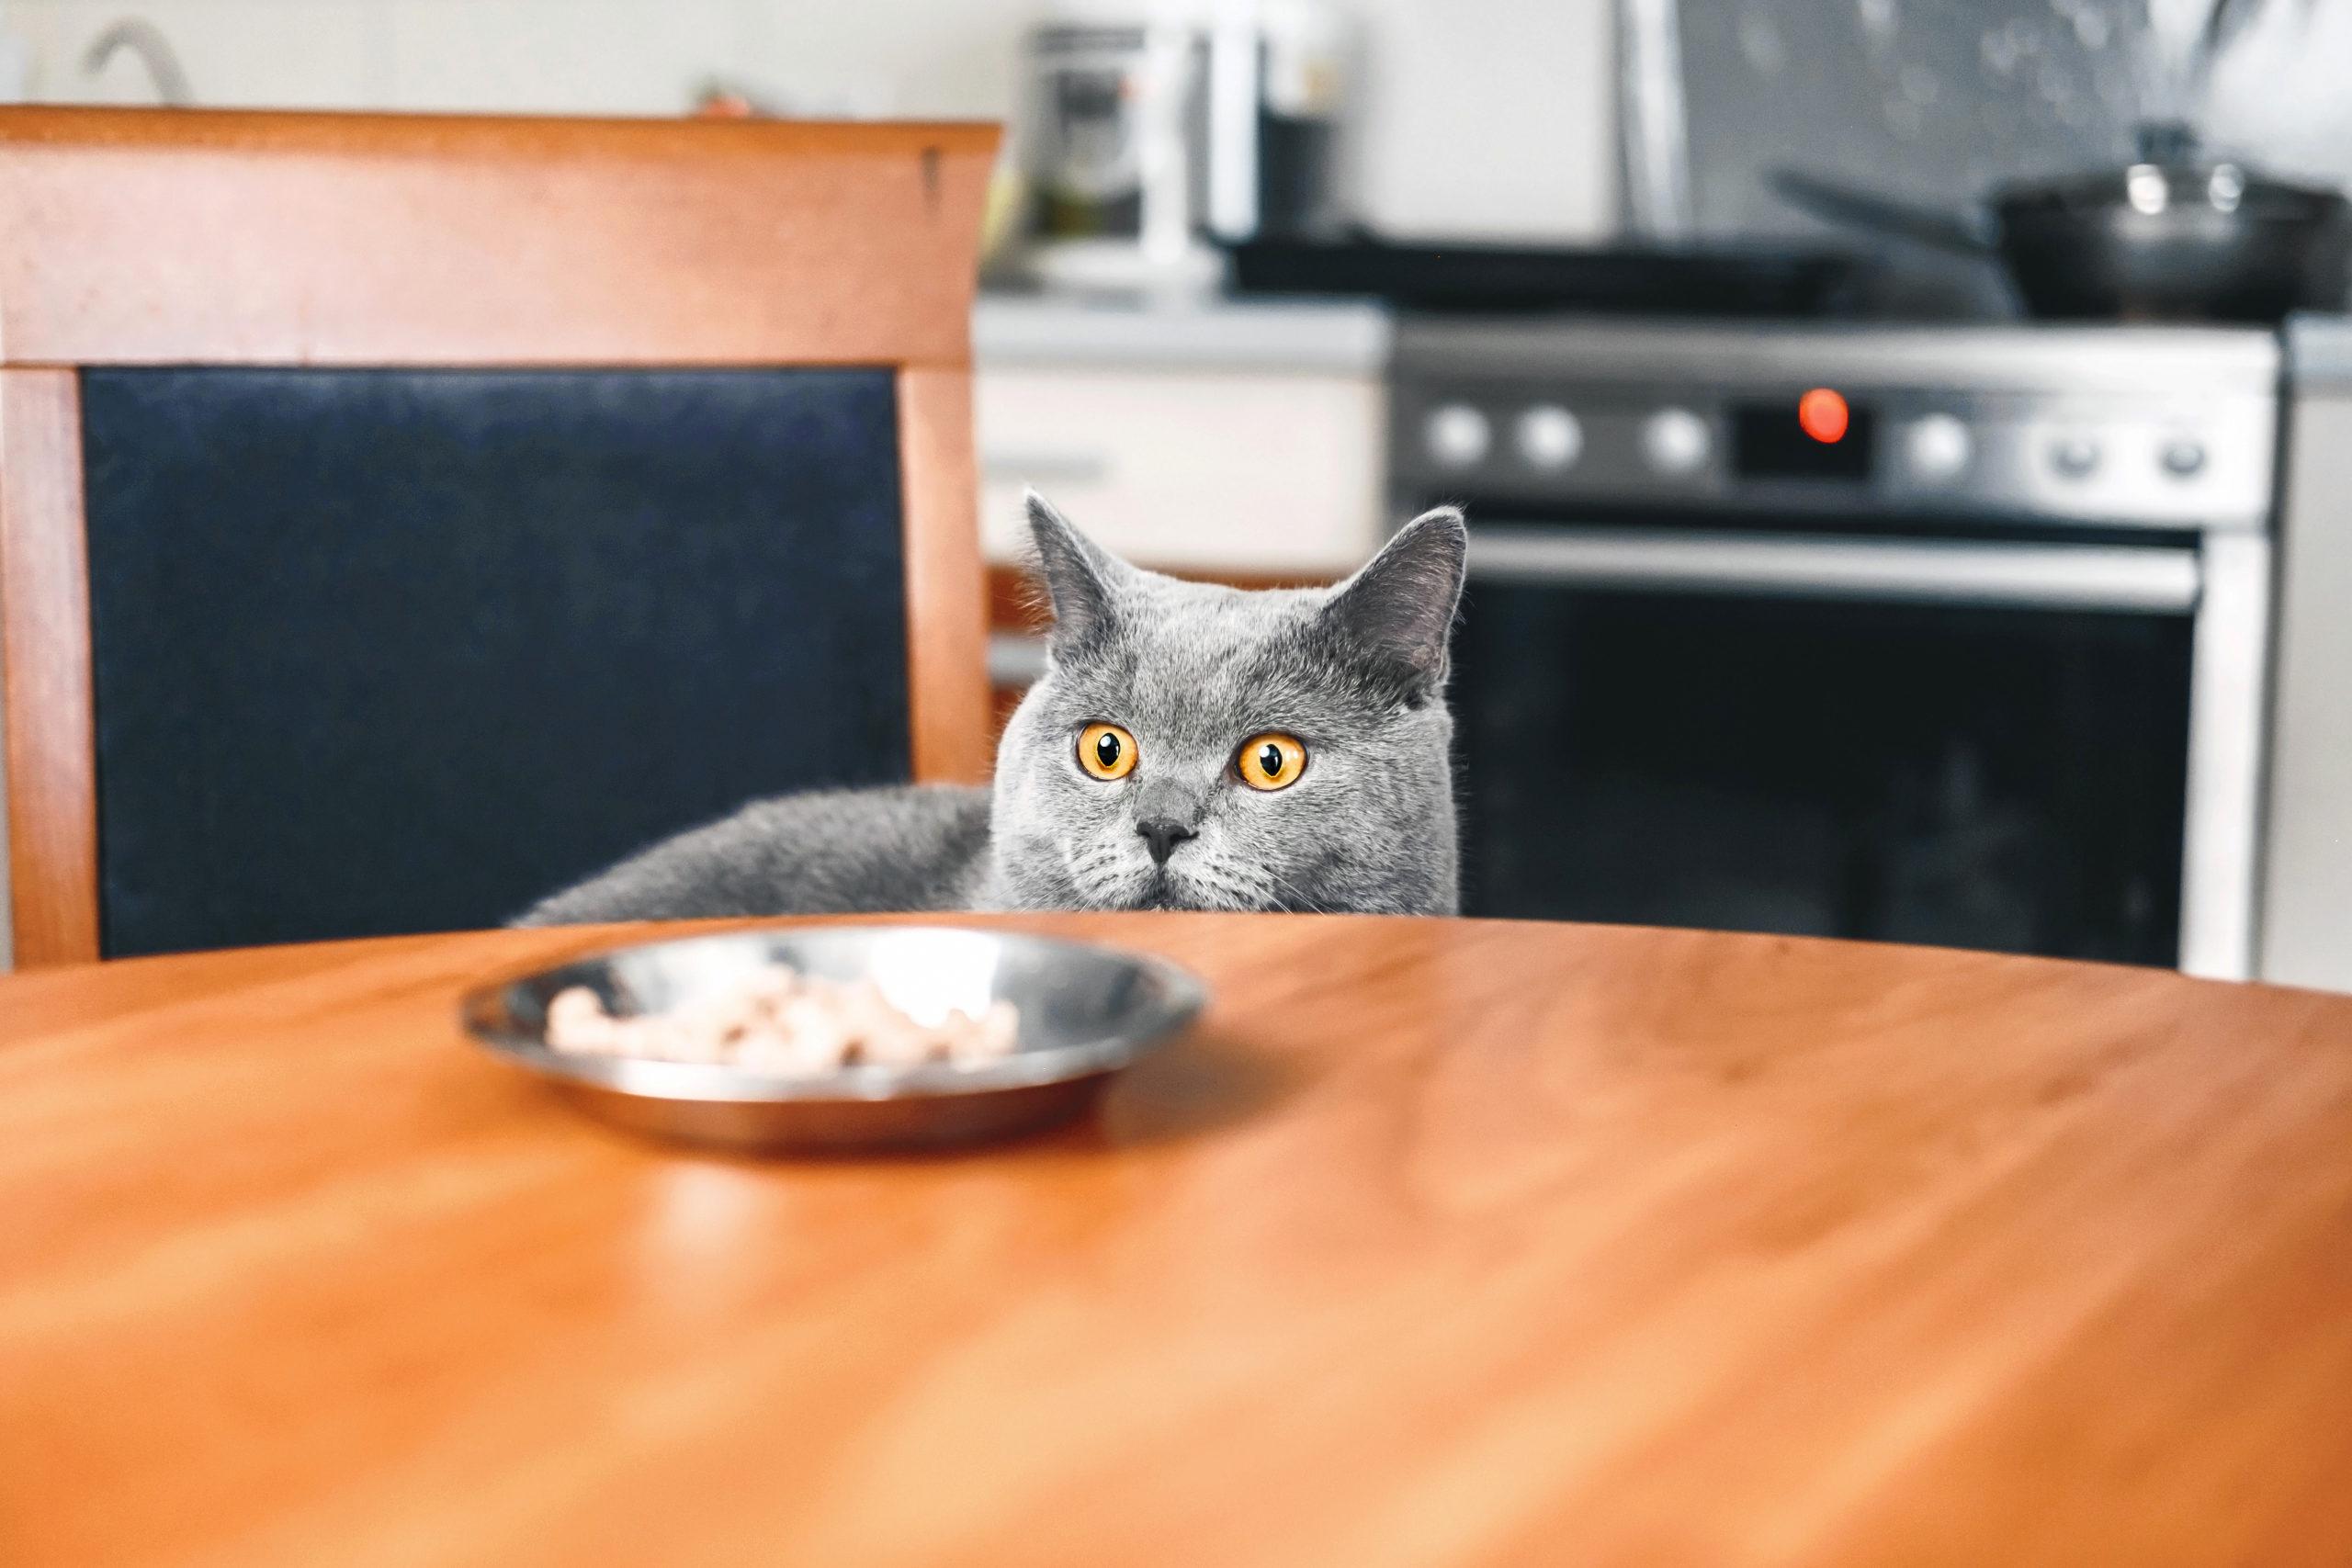 猫のご飯は何が良いの?【気になるご飯の選び方や回数】